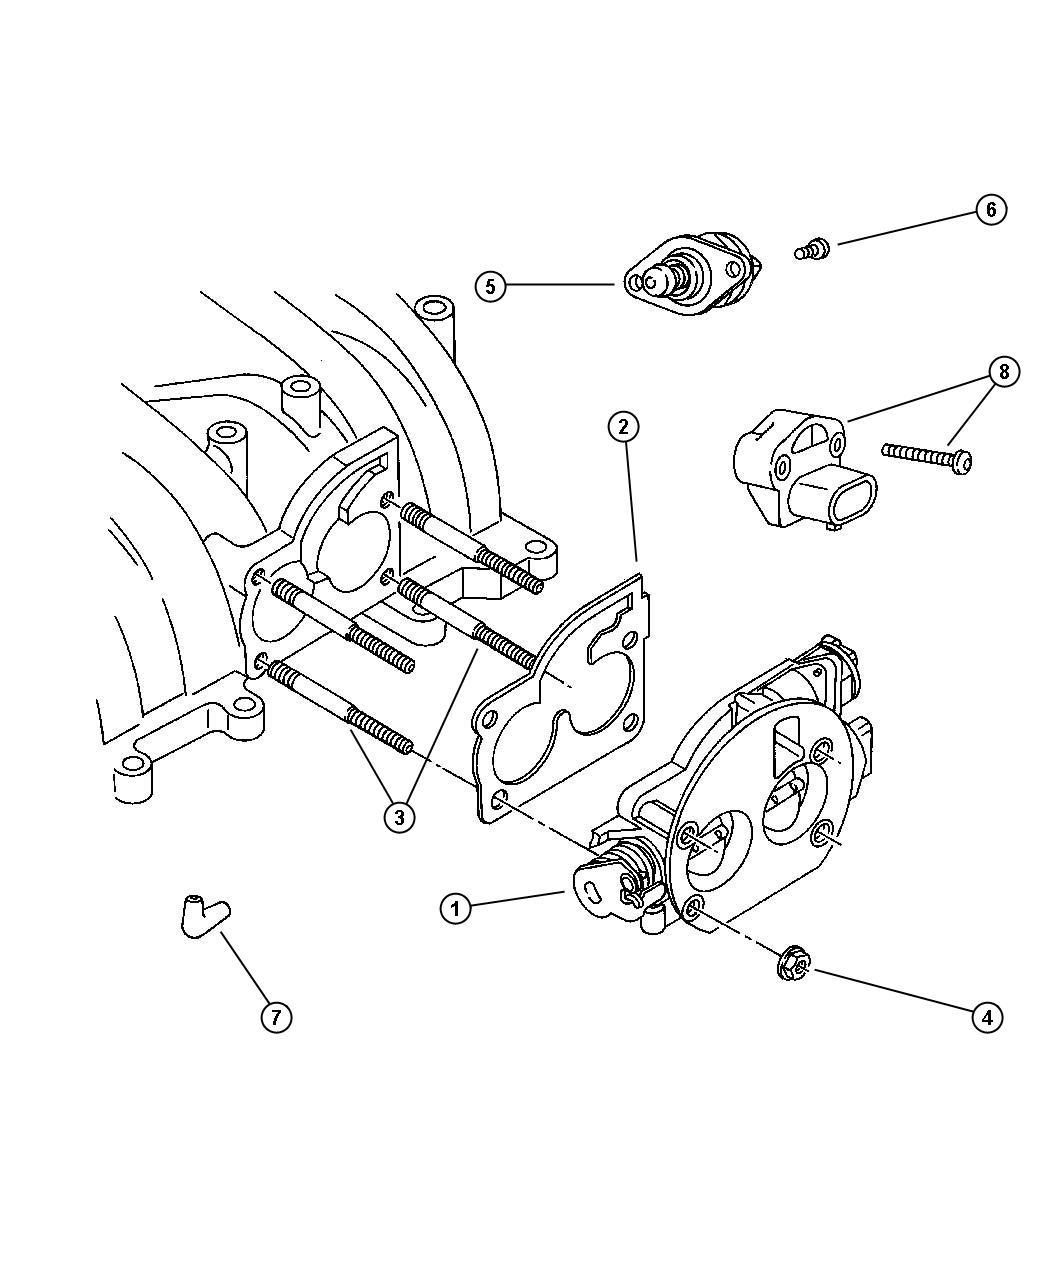 Jeep Wrangler Connector Emission Hose Formed